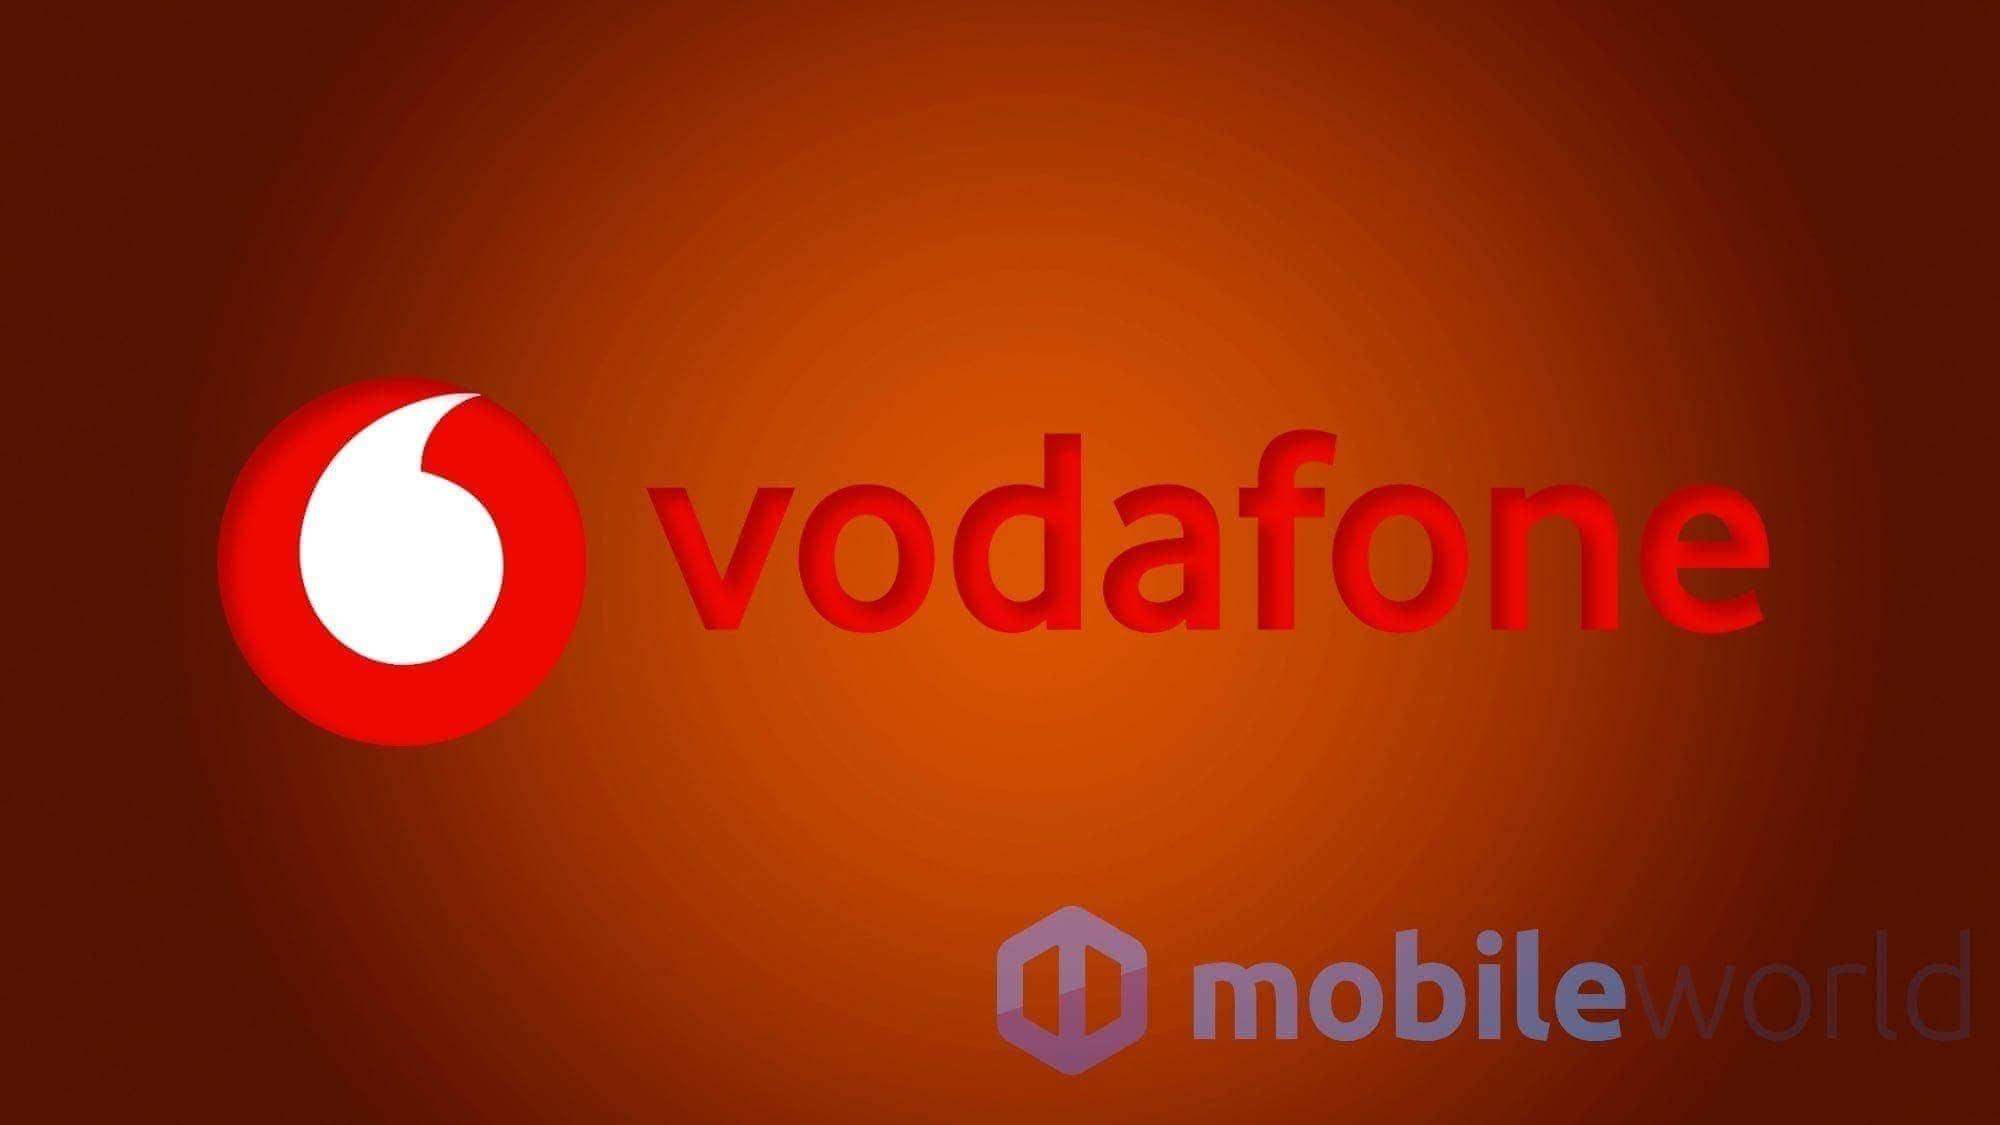 Potete ricevere 100€ invitando un vostro amico nella rete fissa Vodafone: ecco come